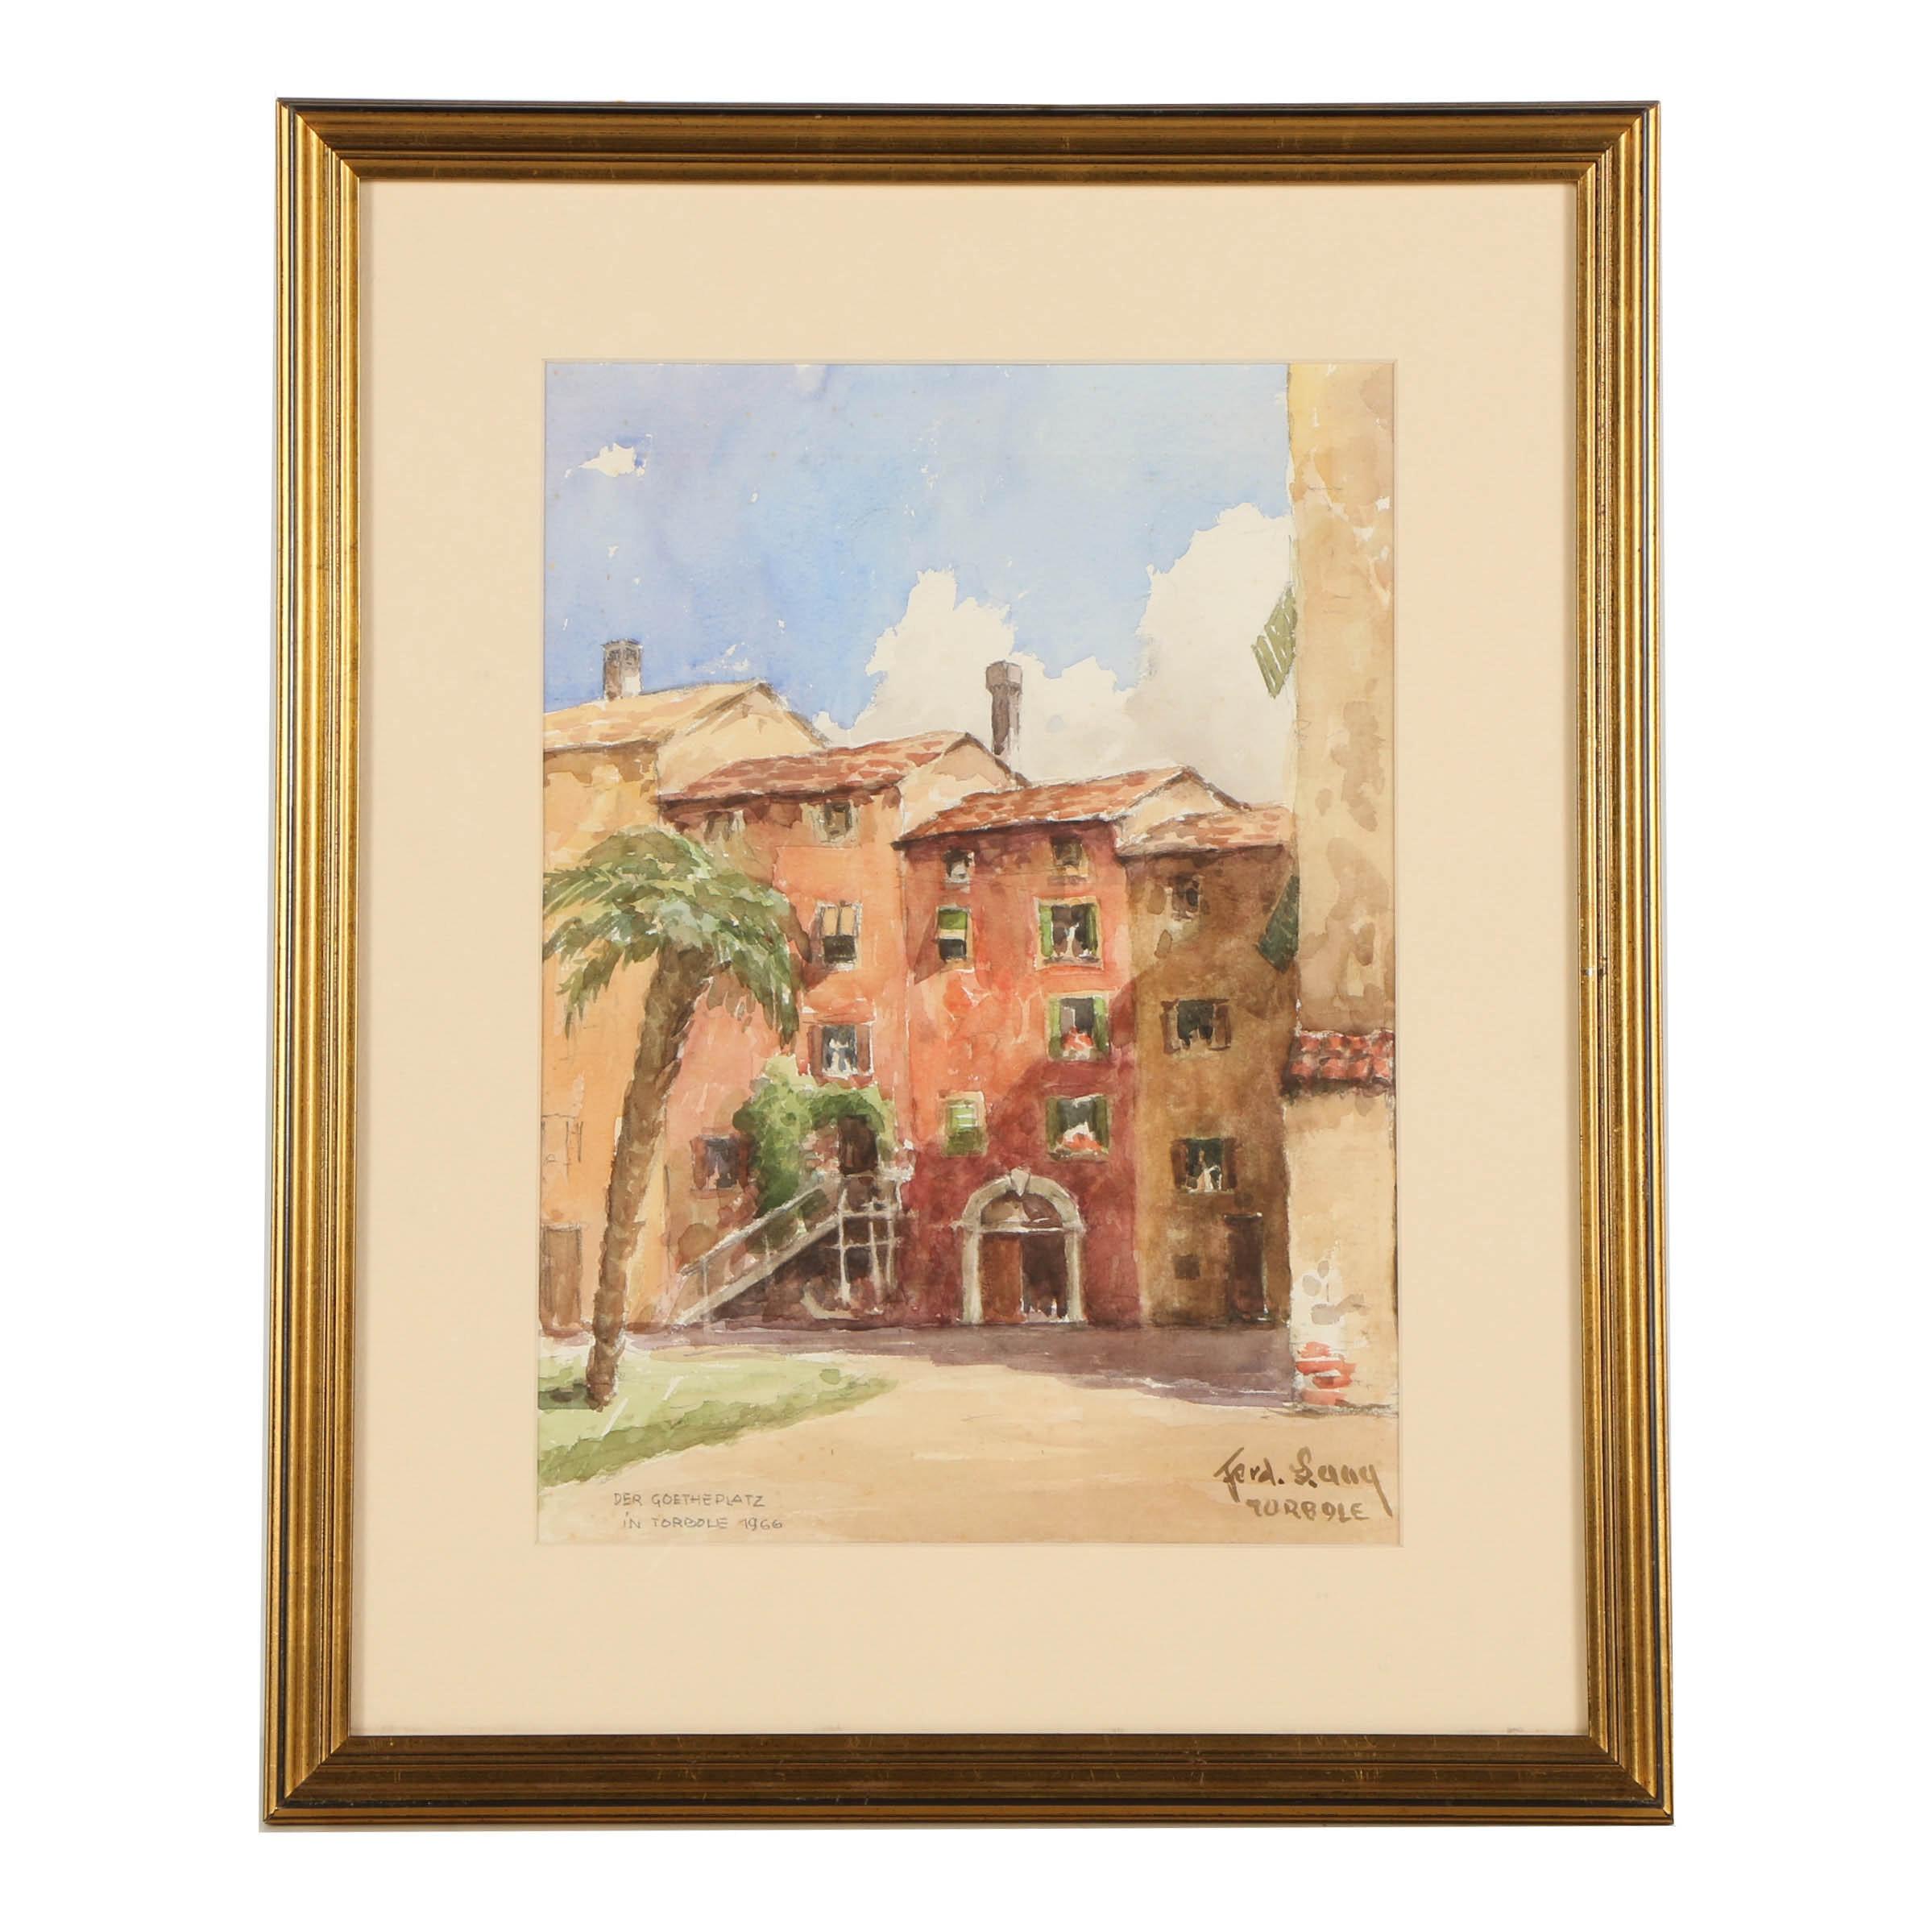 """1966 Watercolor Painting on Paper """"Der Goetheplatz in Torbole"""""""